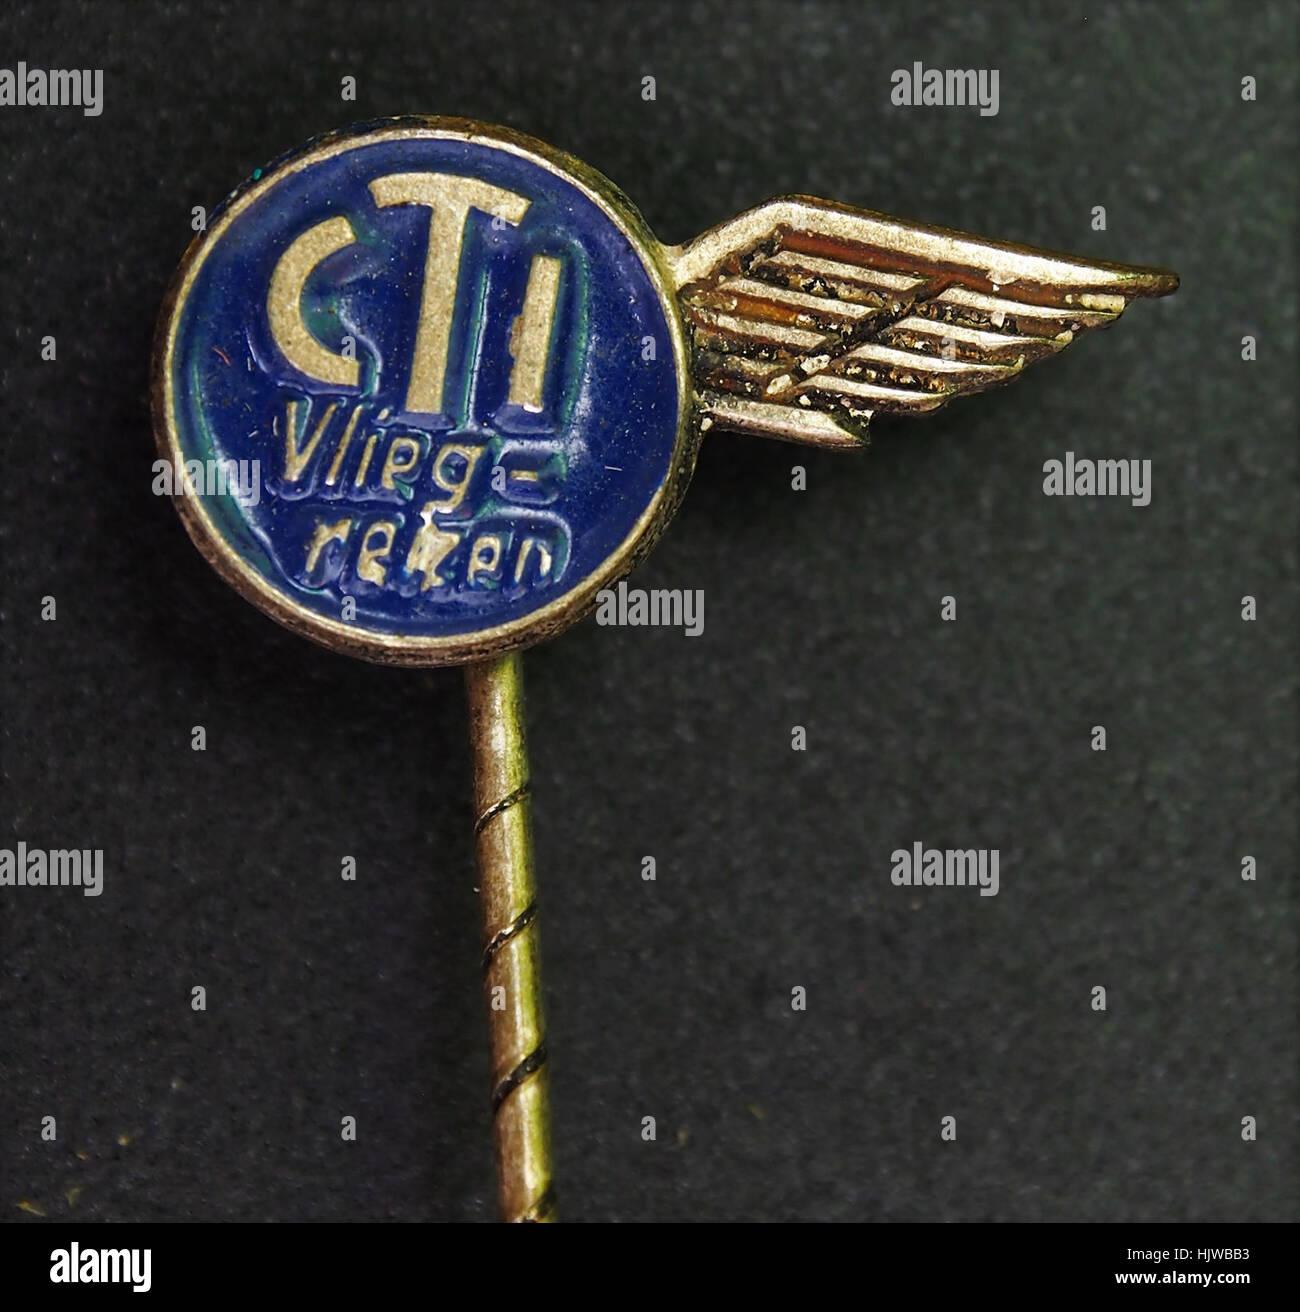 CTI vliegreizen speldje - Stock Image